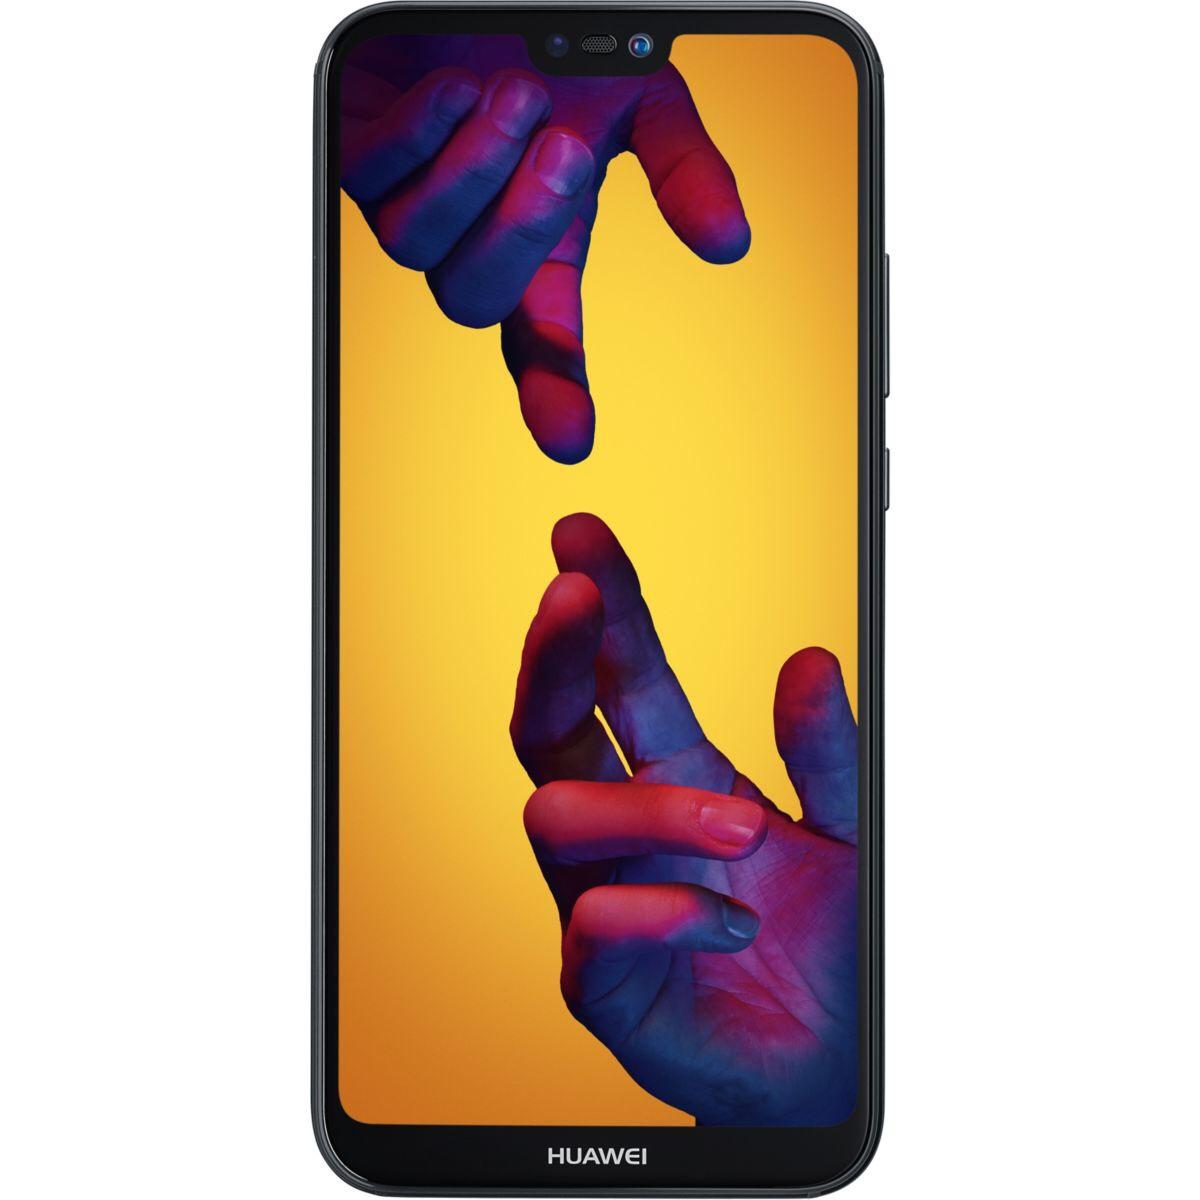 """Smartphone 5,8"""" Huawei P20 Lite - Double SIM, ROM 64 Go, RAM 4Go - Noir (50€ de réduction via reprise de votre ancien téléphone)"""